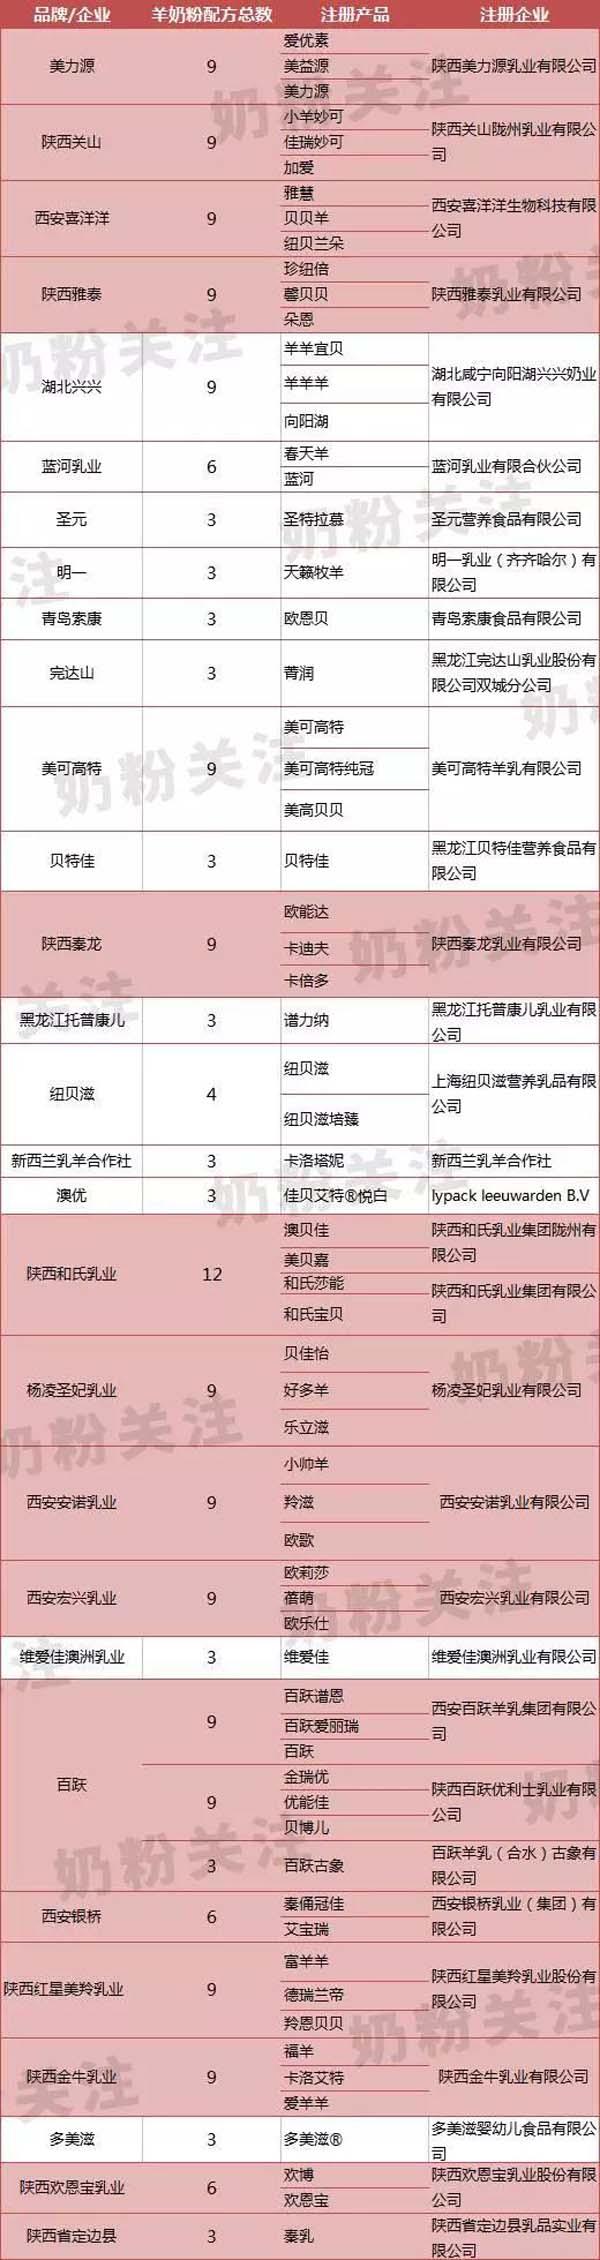 19家陕西羊奶粉企业18家通过配方注册!国产羊奶粉谁称霸?